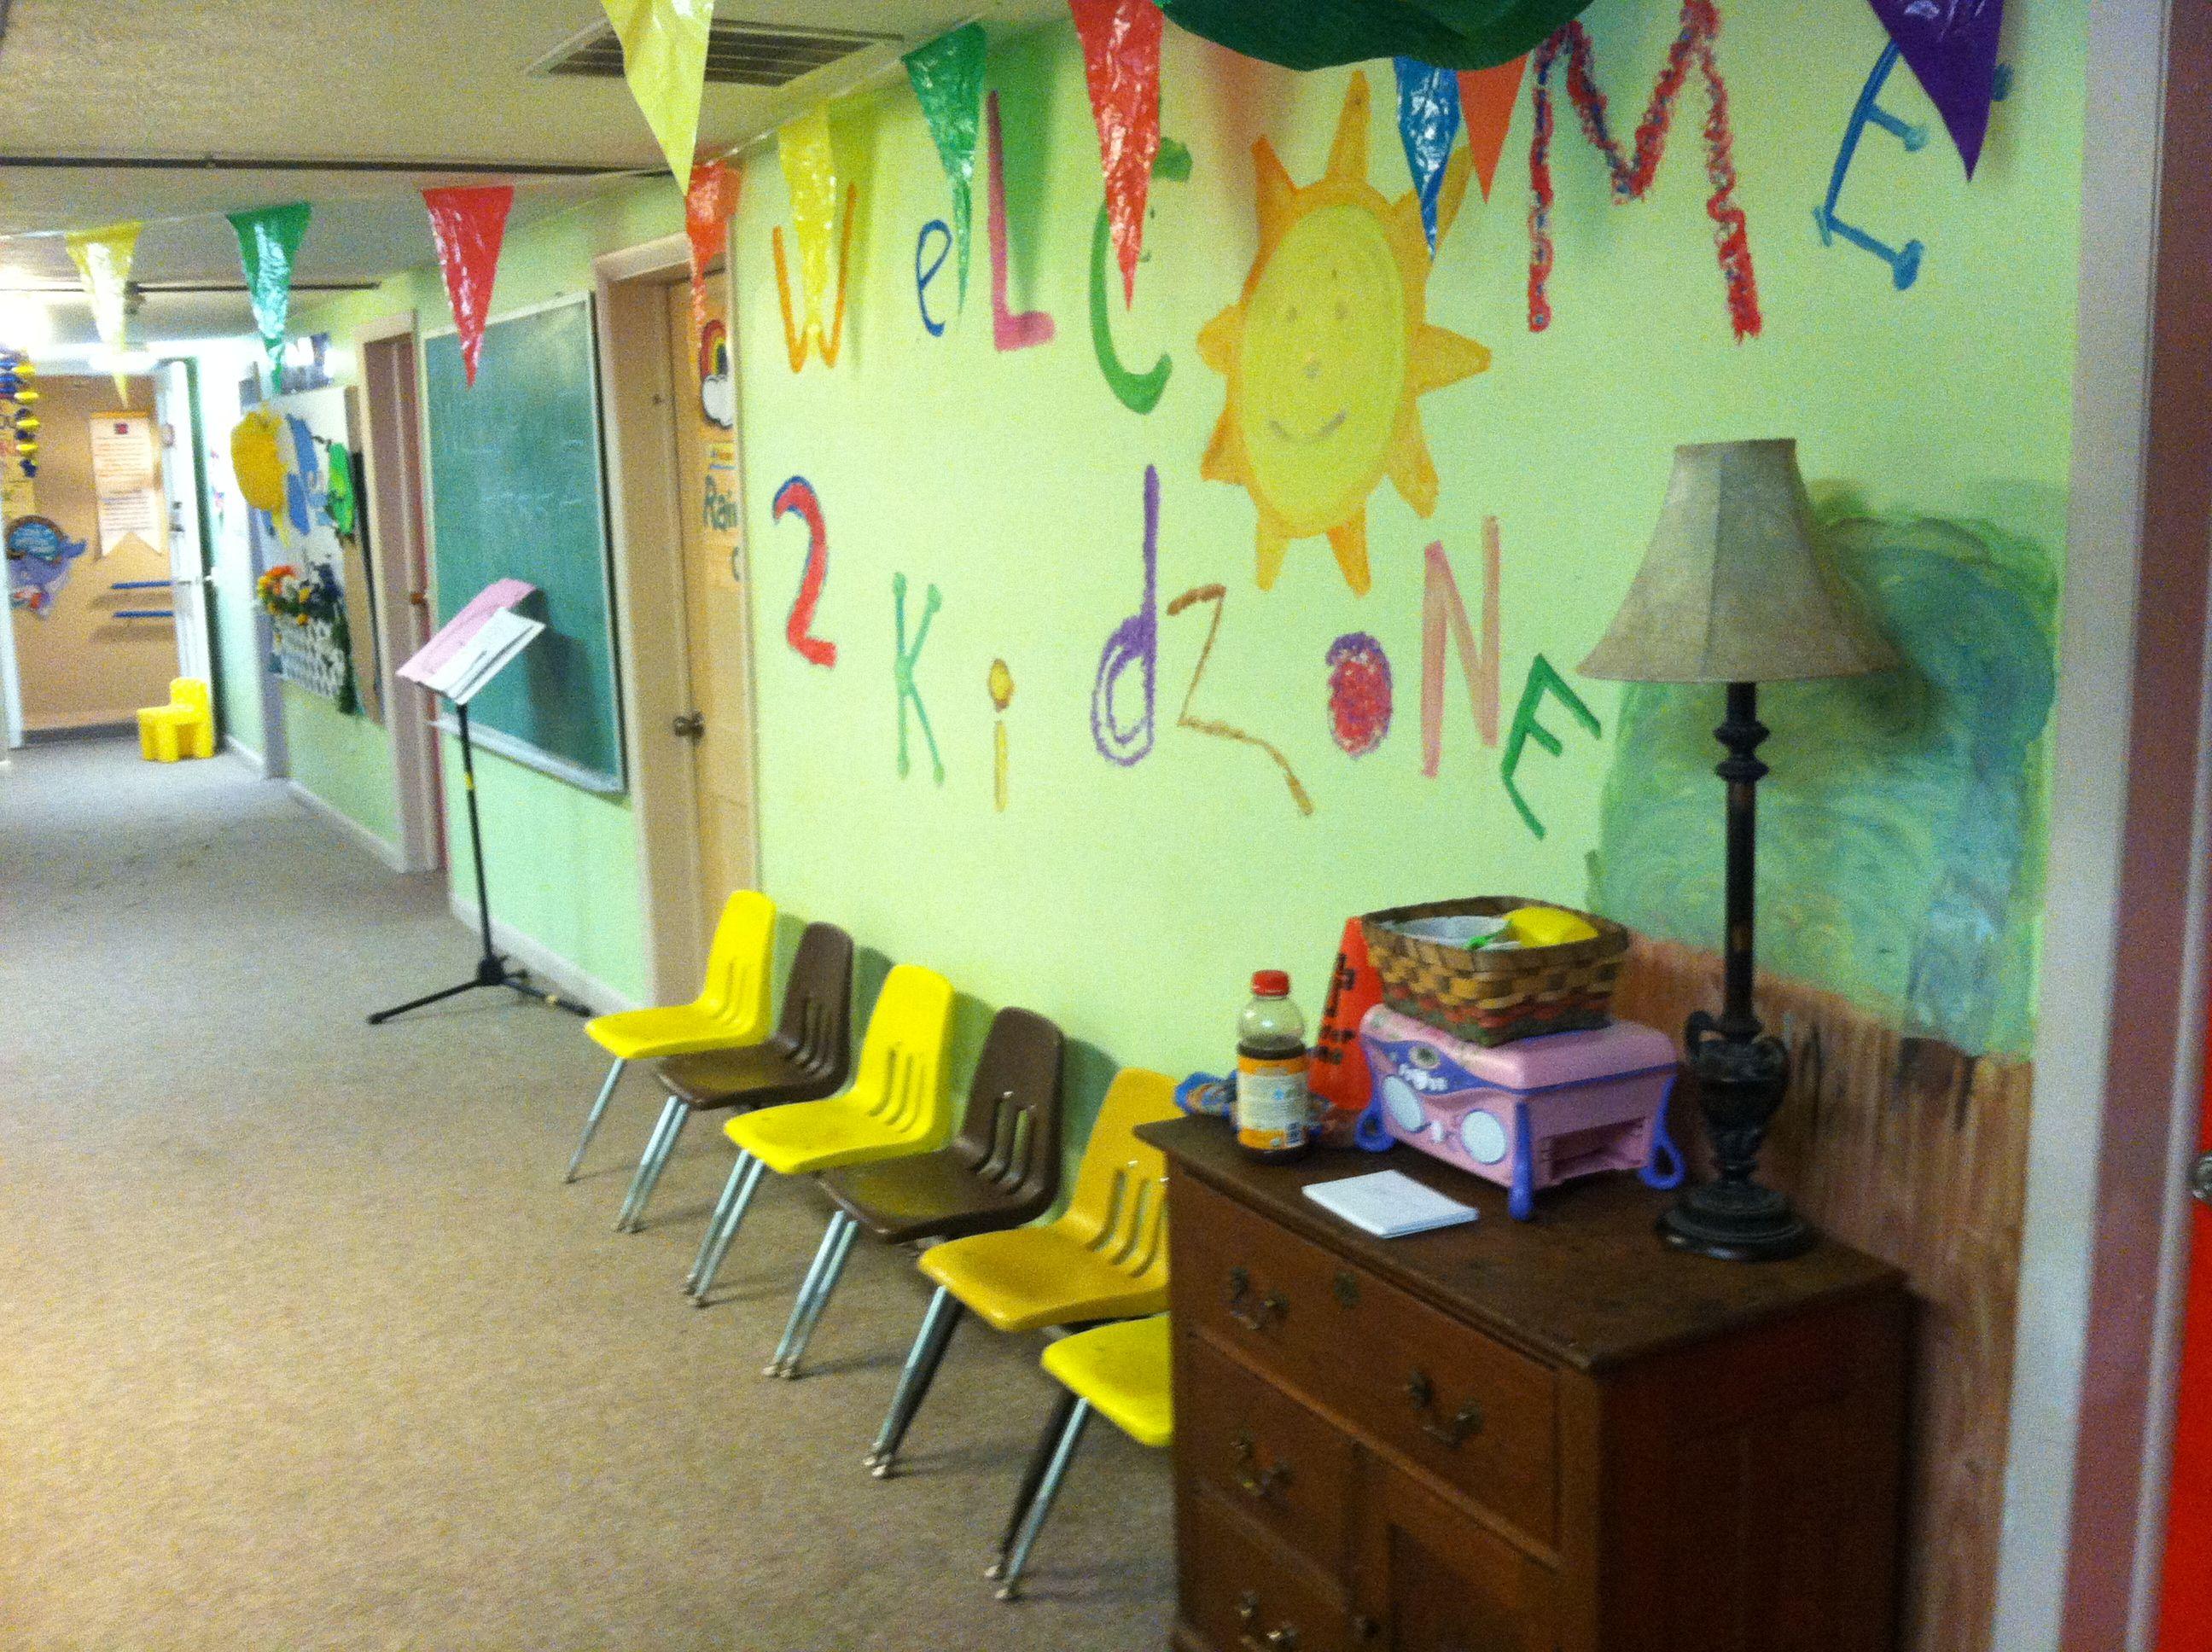 Children's Church wall art   Ministry ideas   Pinterest ...